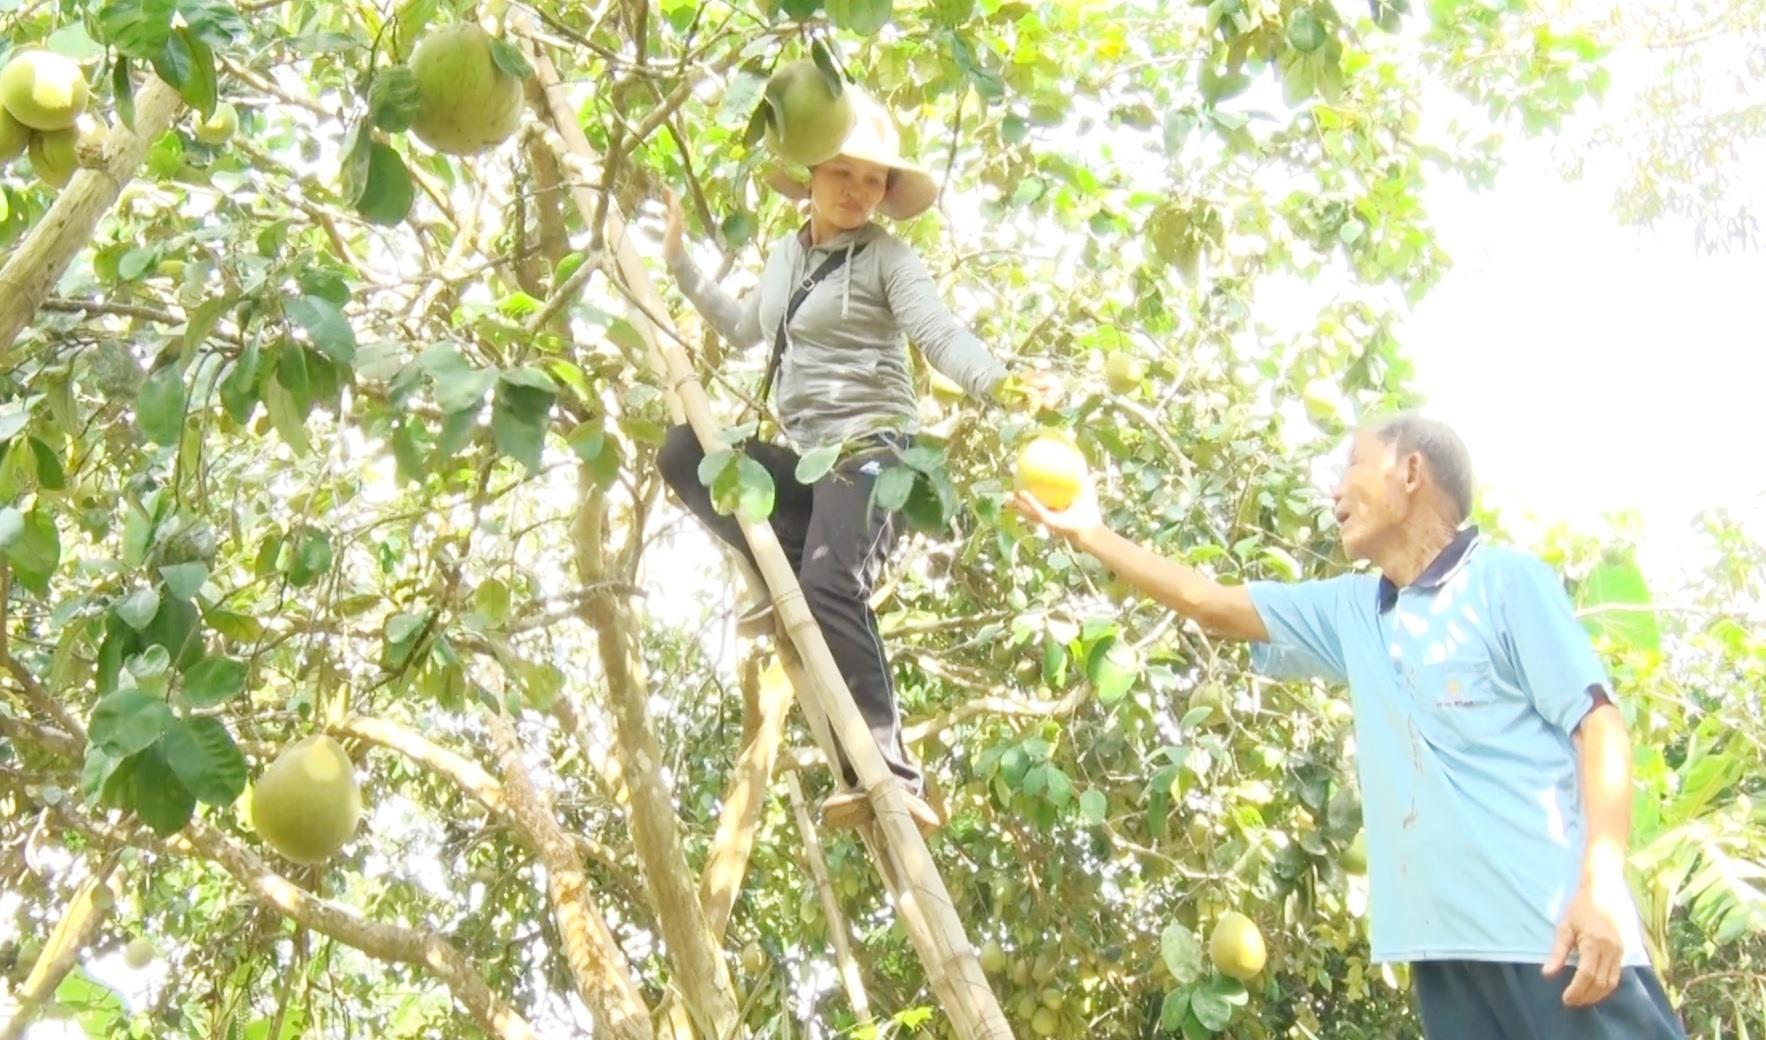 Nhiều mô hình kinh tế vườn ở Nông Sơn mang lại cho người dân nguồn thu nhập khá cao. Ảnh: Đ.N